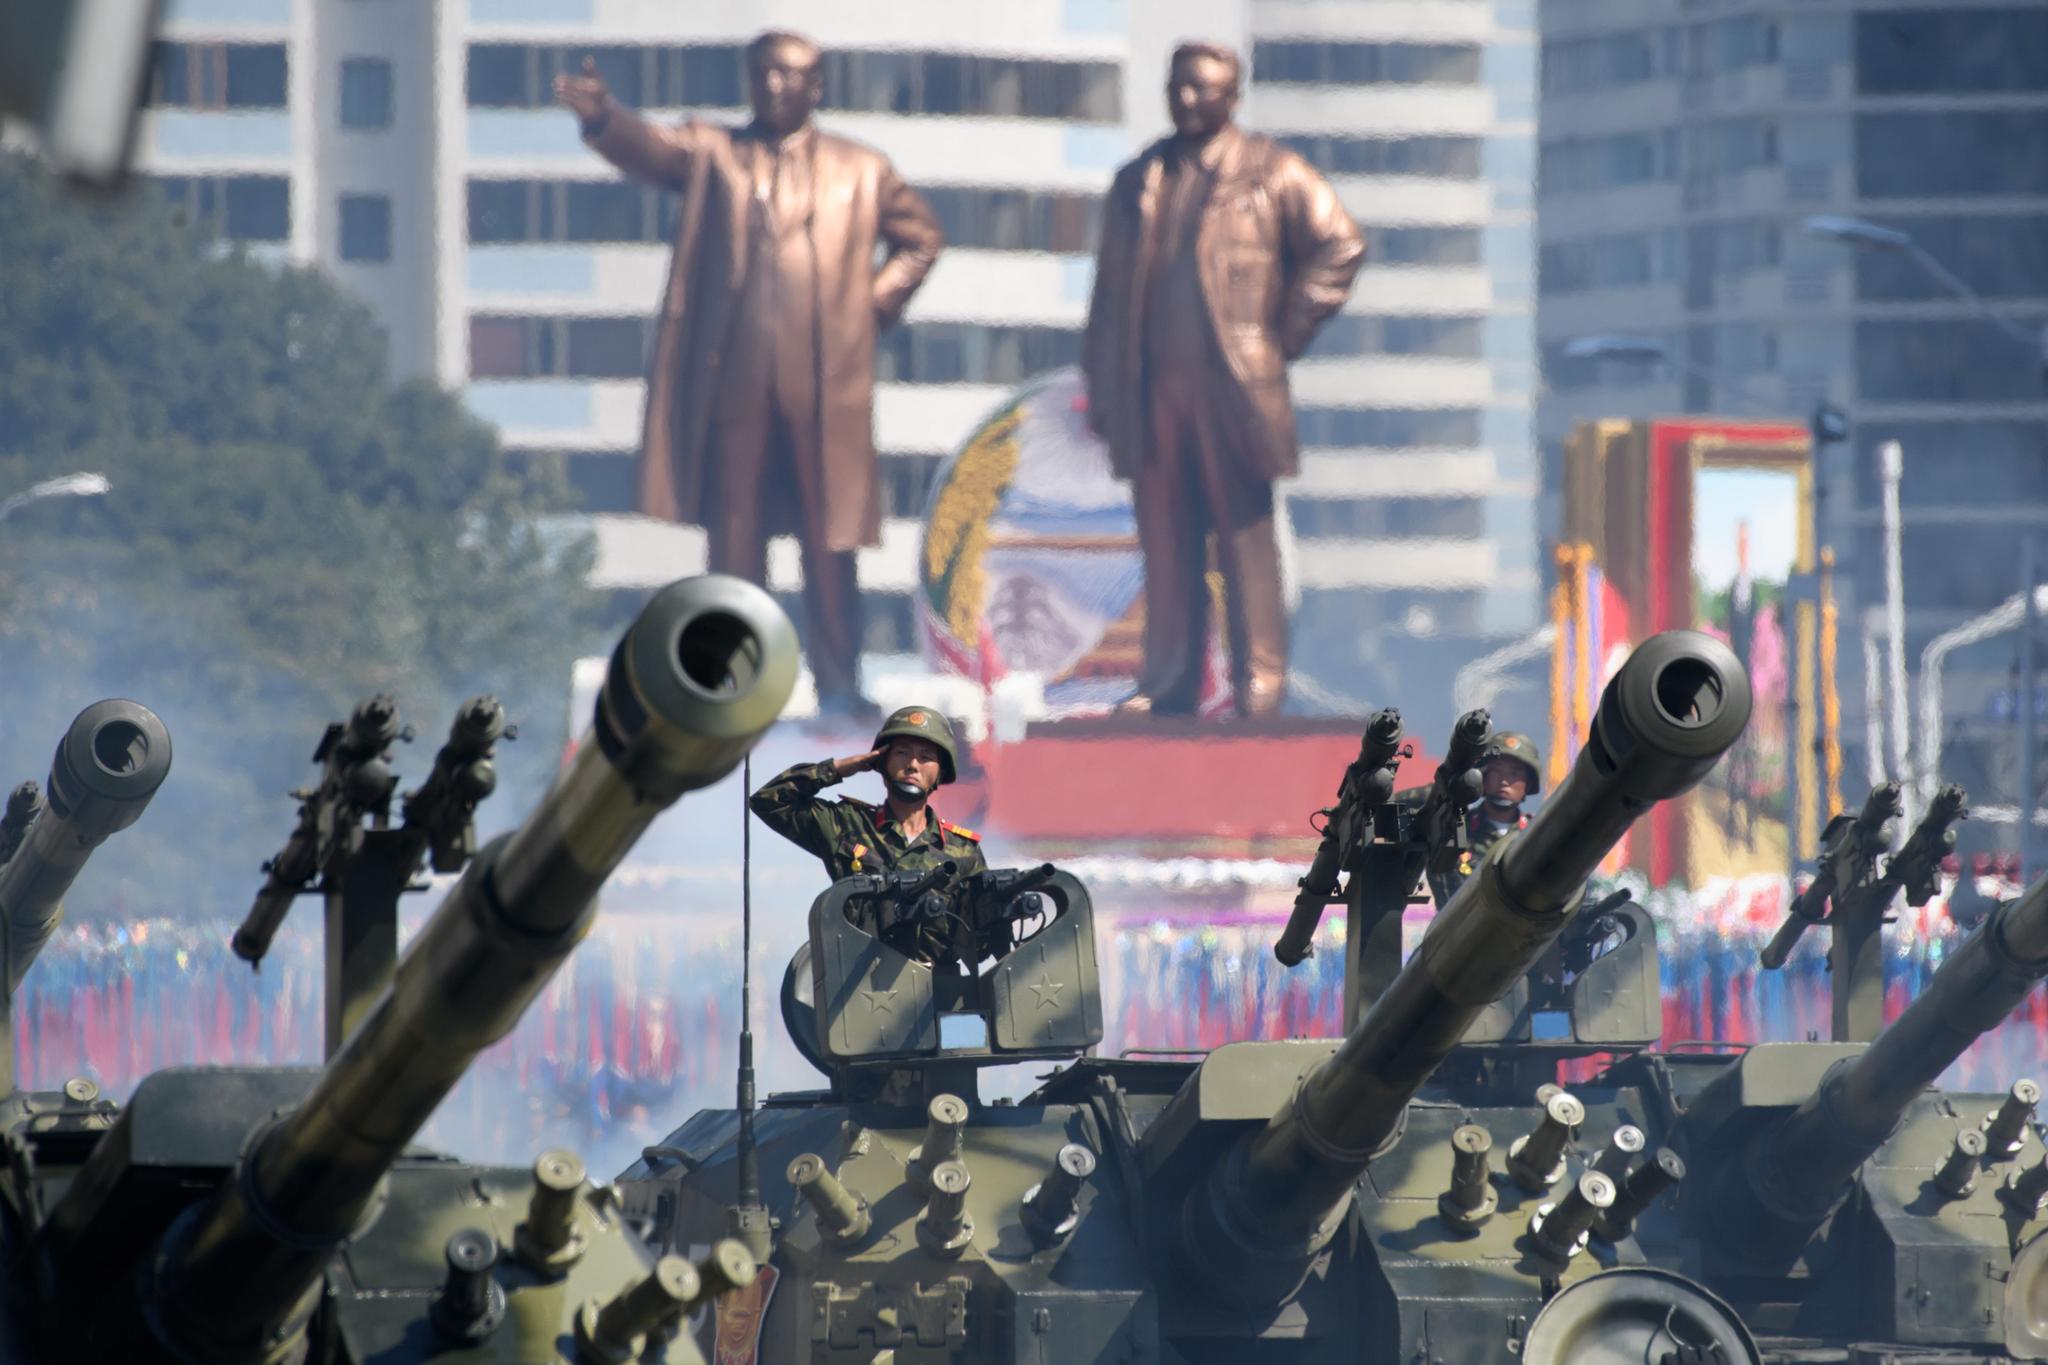 9일 북한 평양 김일성 광장에서 열린 북한 정권수립 70주년(9ㆍ9절) 기념 열병식에서 군사 퍼레이드를 벌이고 있는 탱크부대.[AFP=연합뉴스]